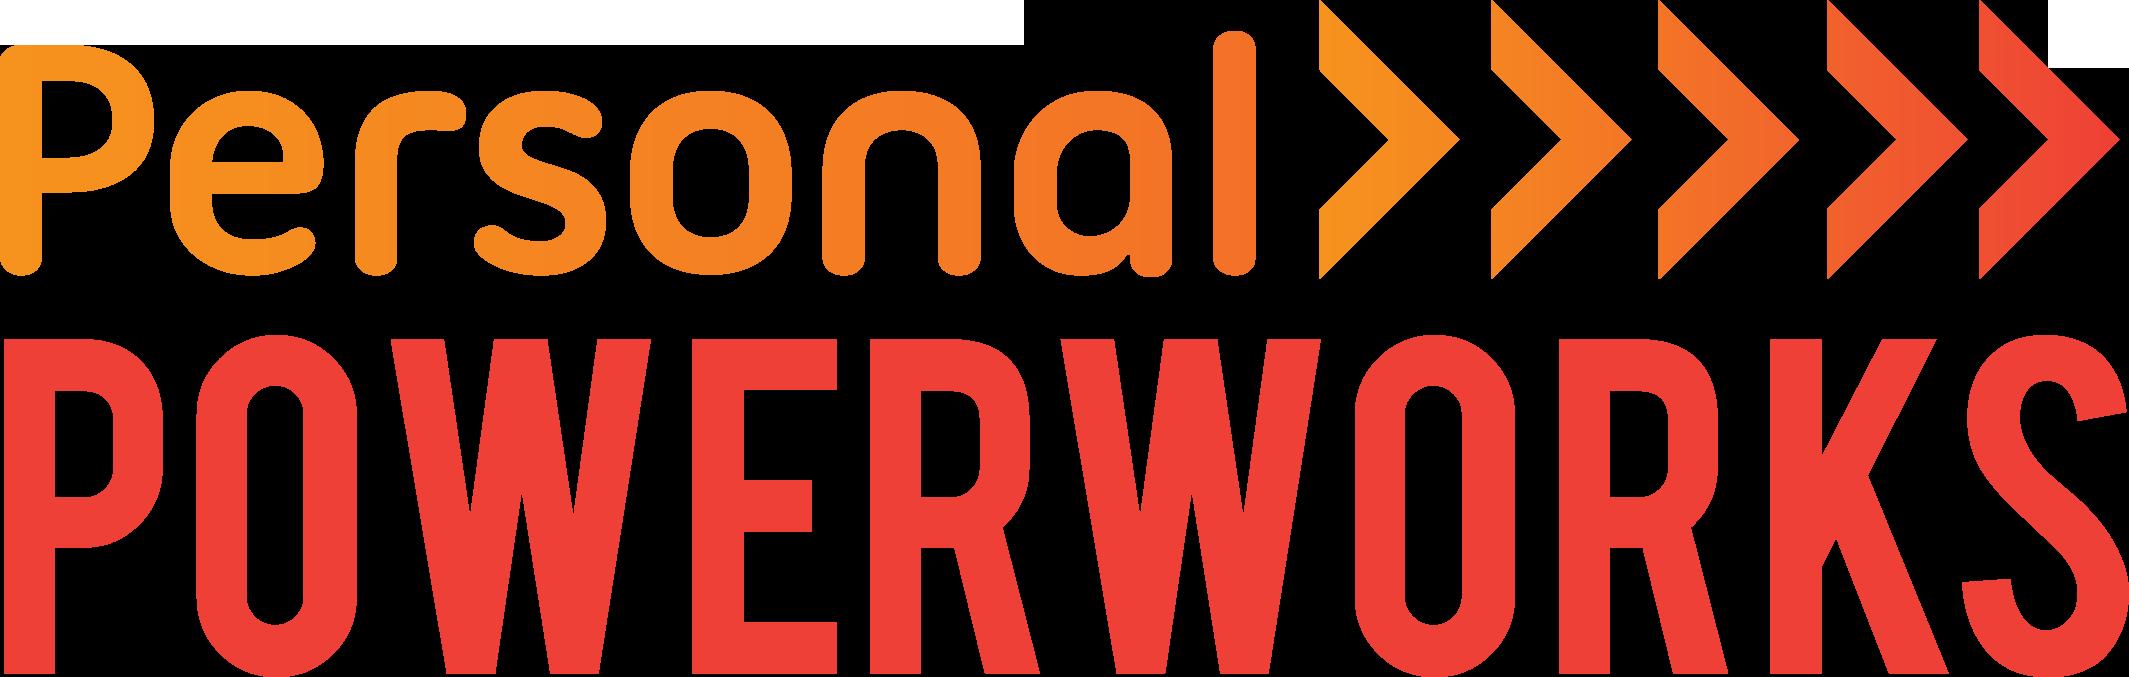 Personal PowerWorks Logo